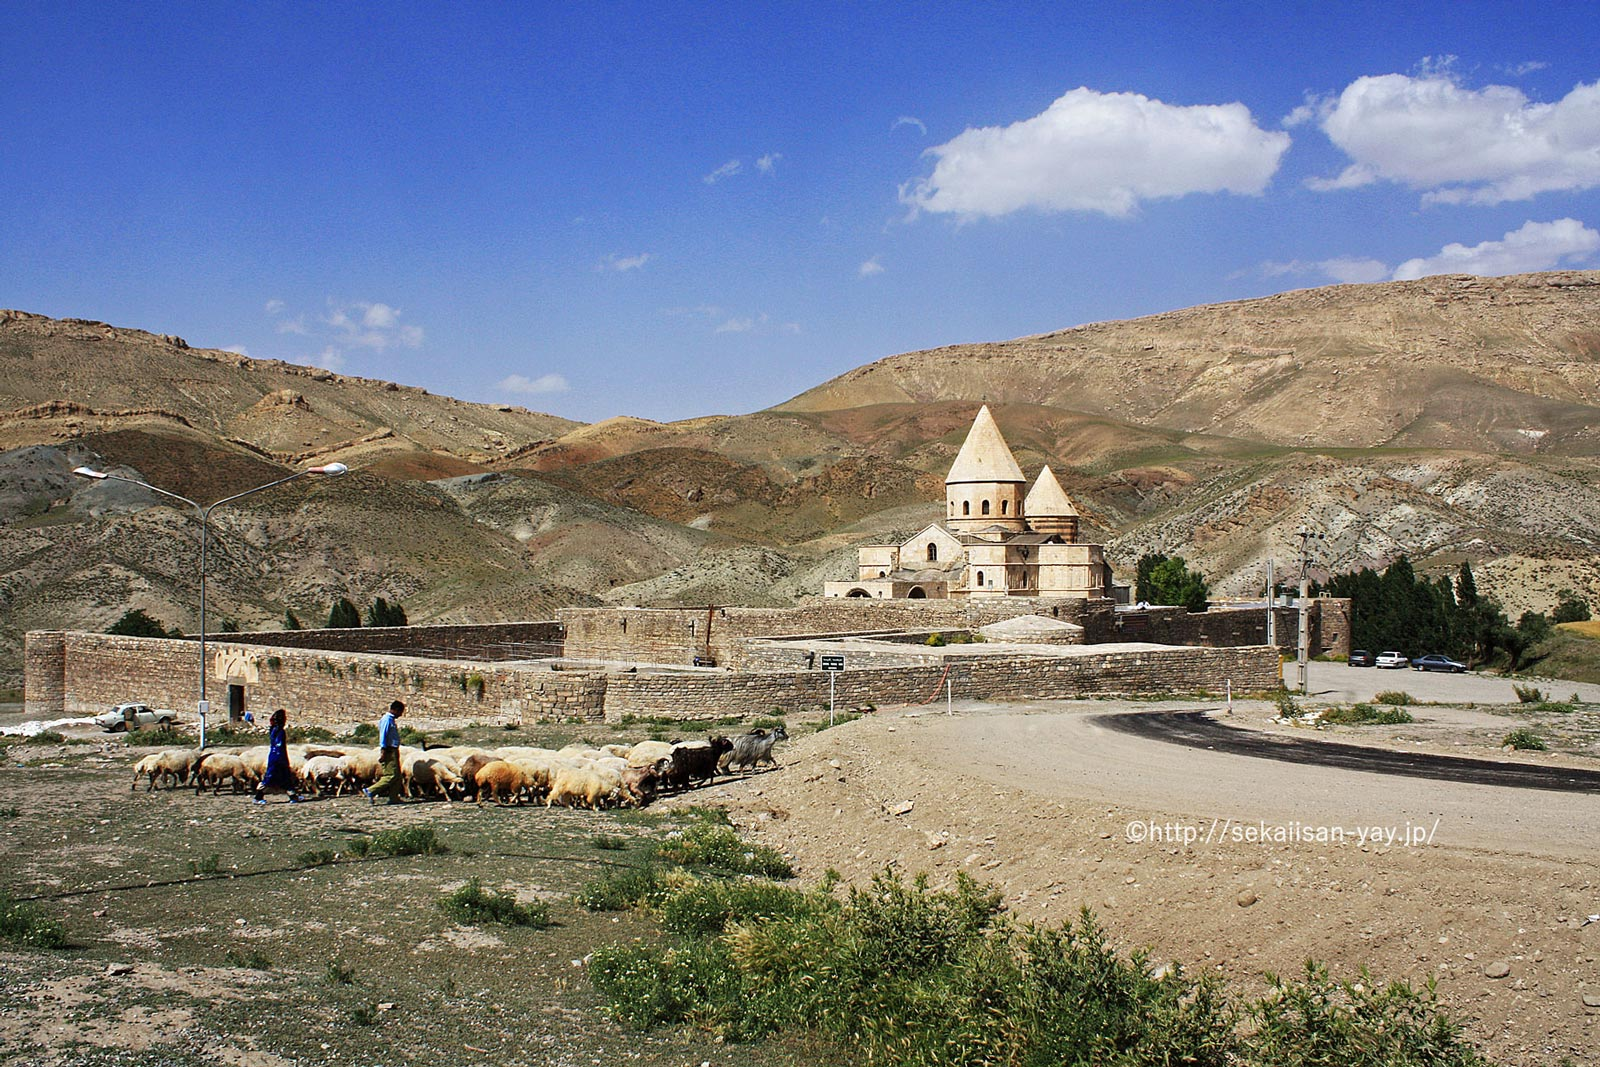 イラン「イランのアルメニア修道院群」- 聖タデウス修道院